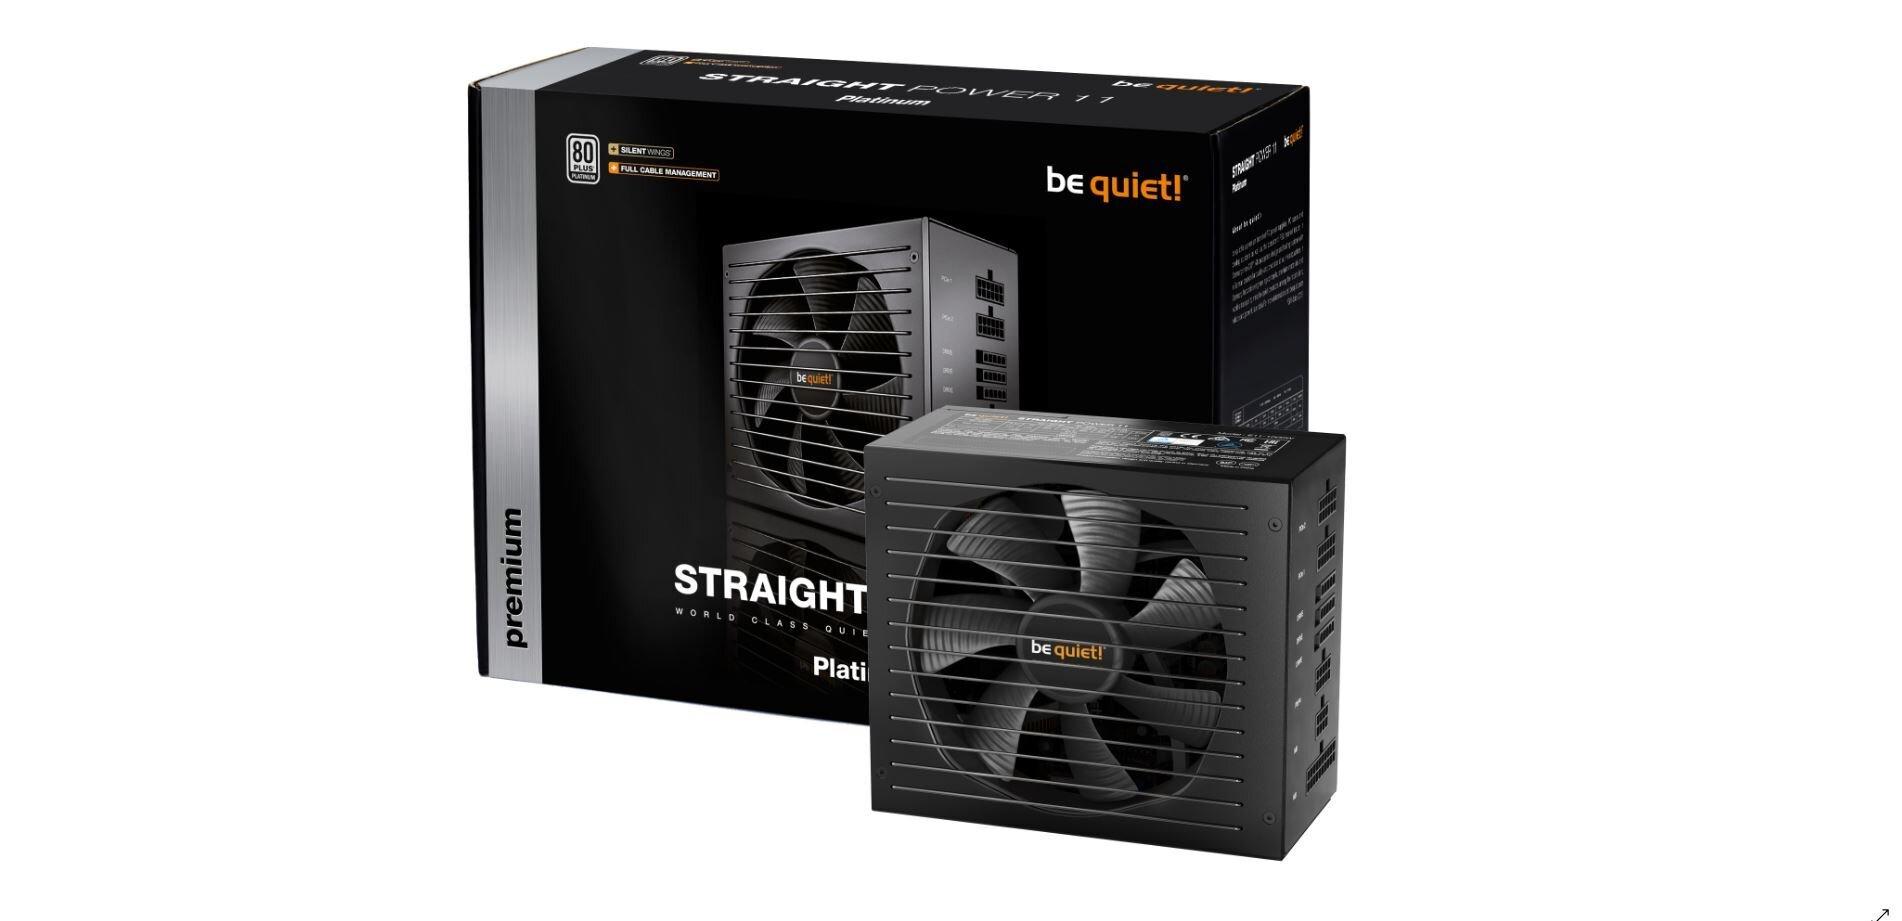 Alimentations Straight Power 11 : be quiet! passe au 80 Plus Platinum, plus silencieux